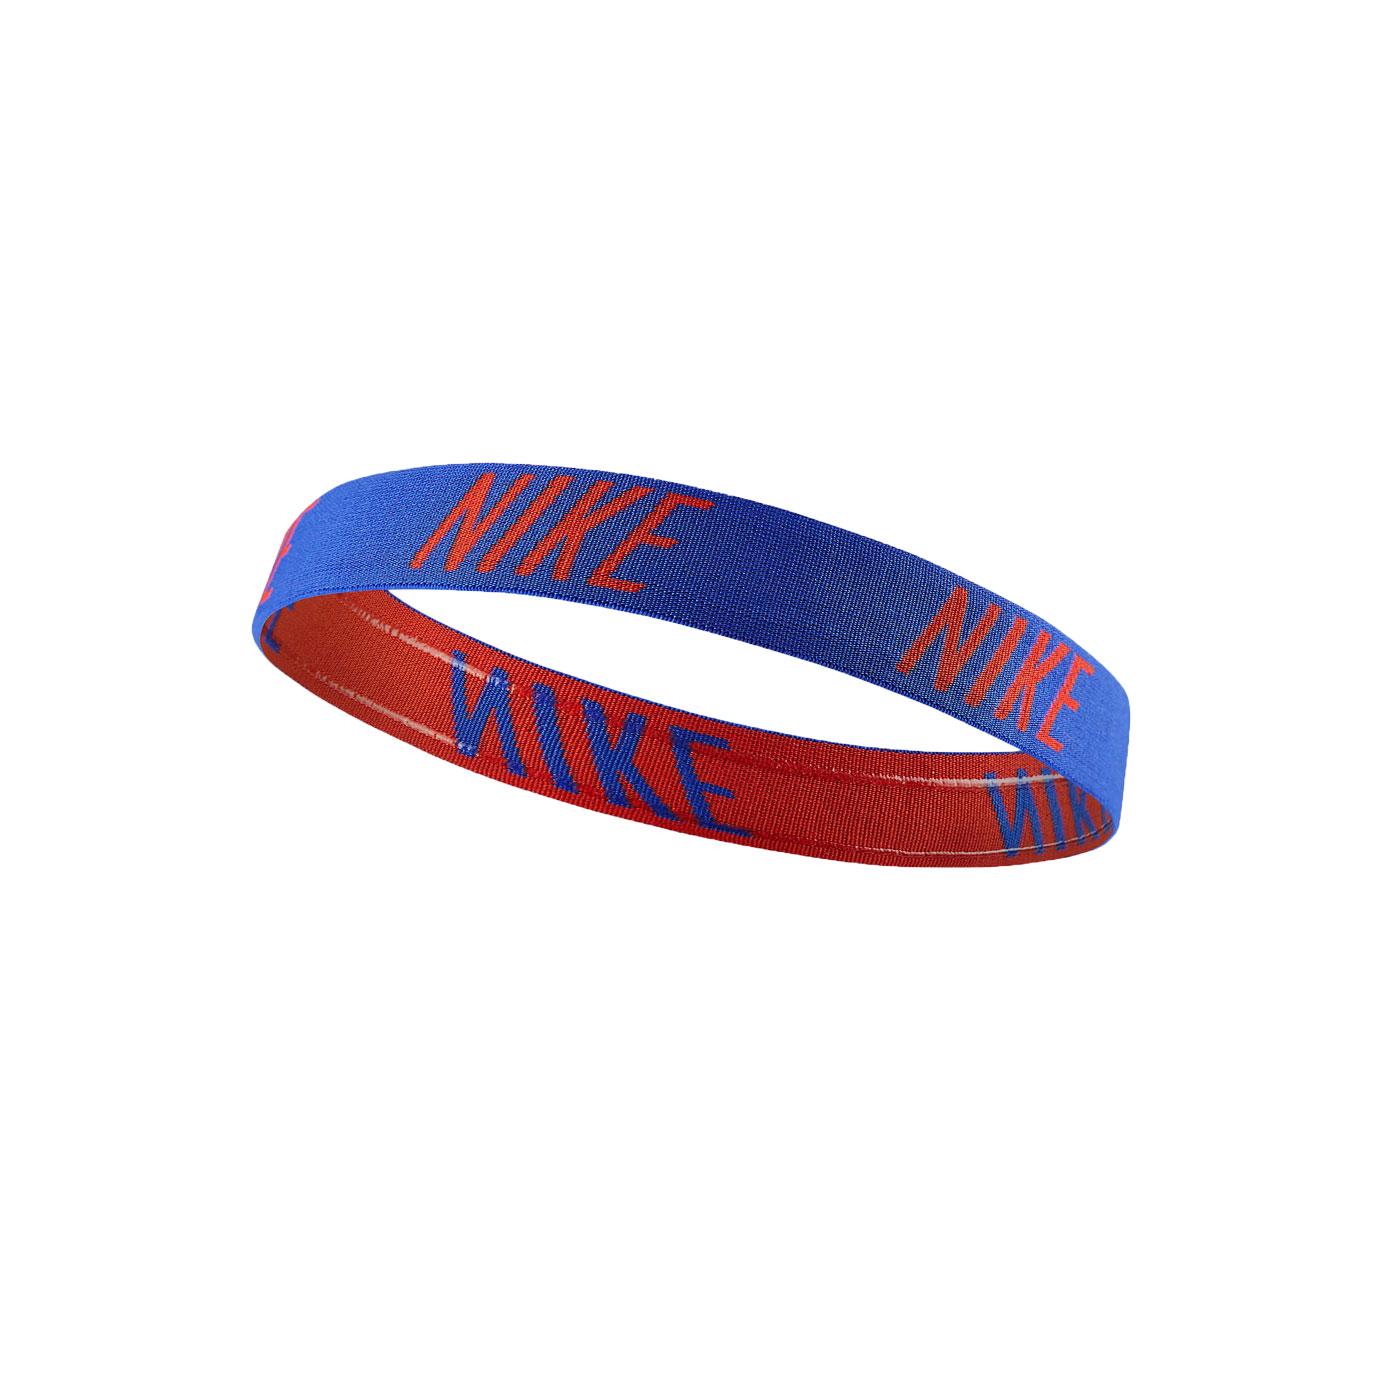 NIKE LOGO髮帶 NJNF6412OS - 藍紅